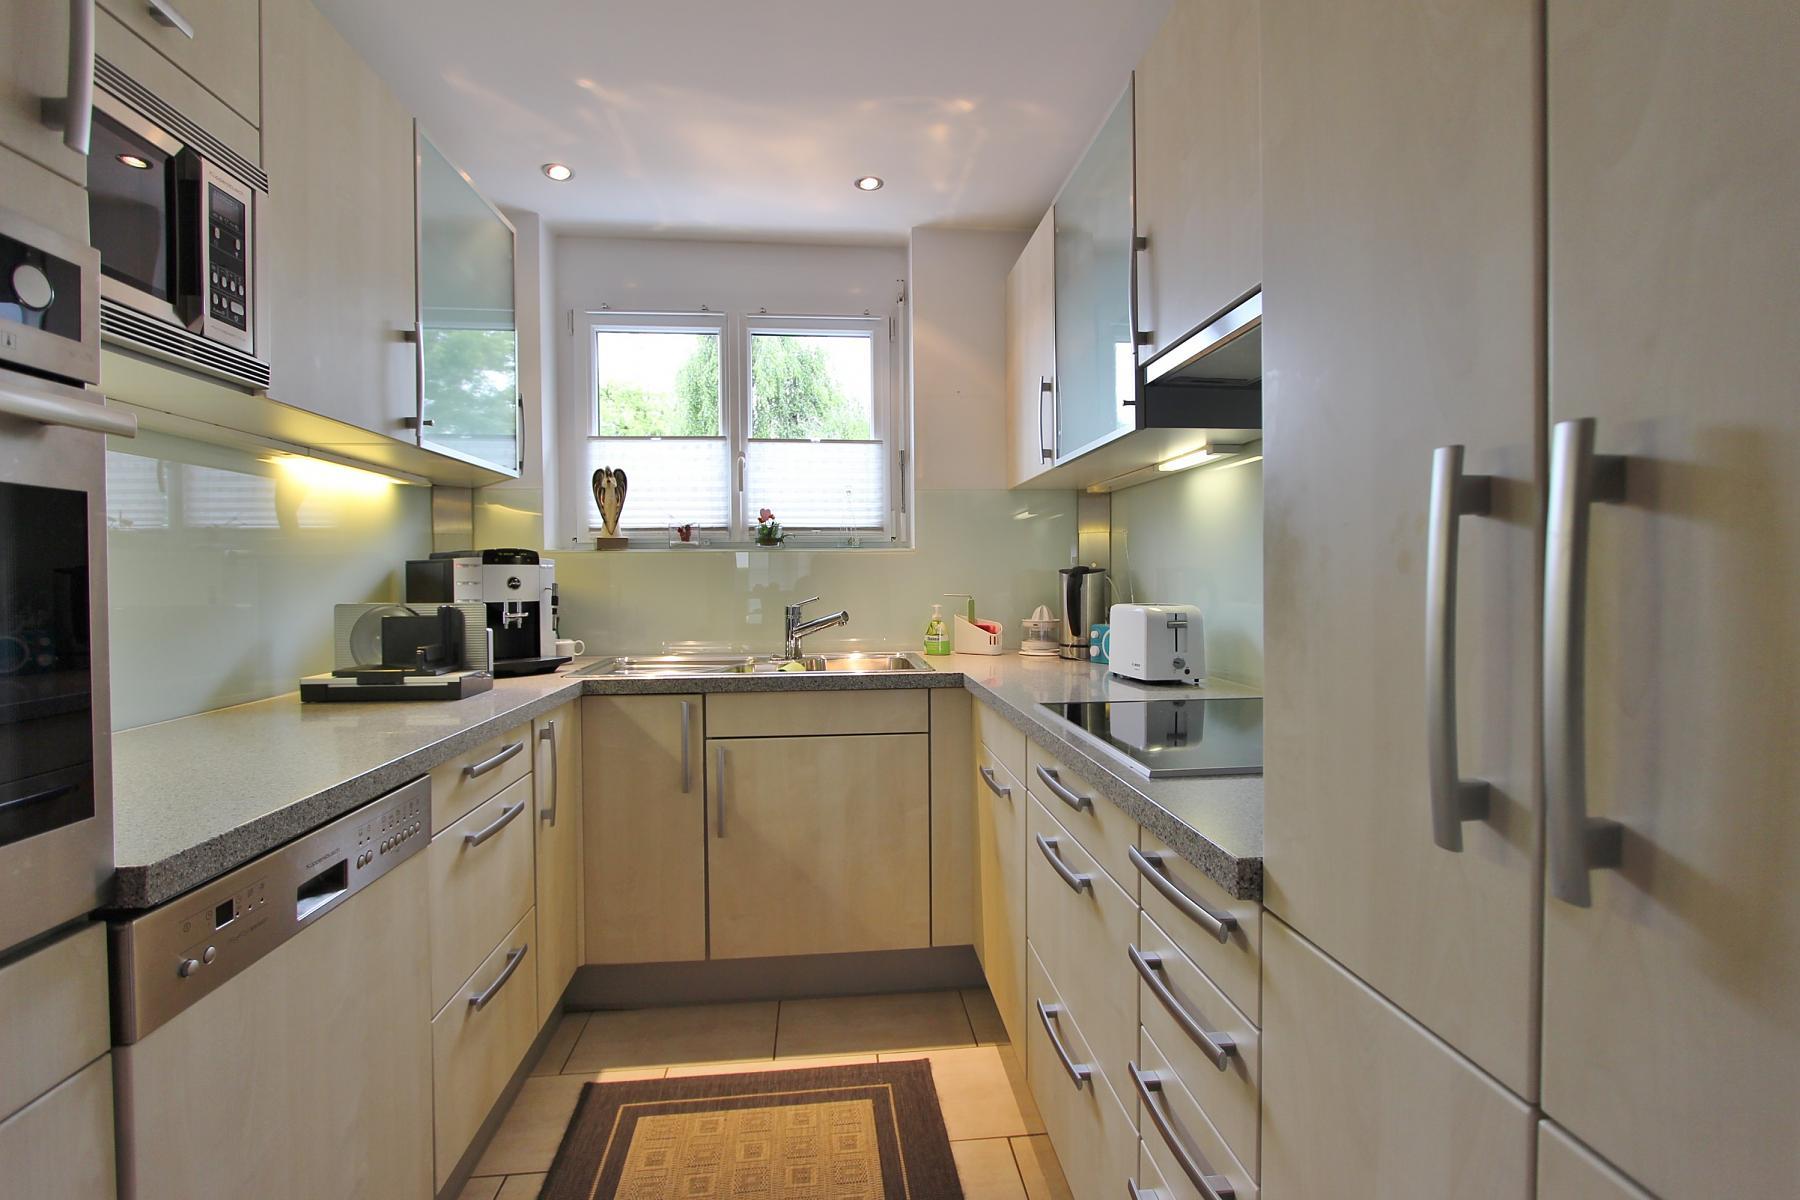 warmwasserboiler k che kaufen schlauchanschluss wasserhahn k che rosa unterbauleuchte led 230v. Black Bedroom Furniture Sets. Home Design Ideas